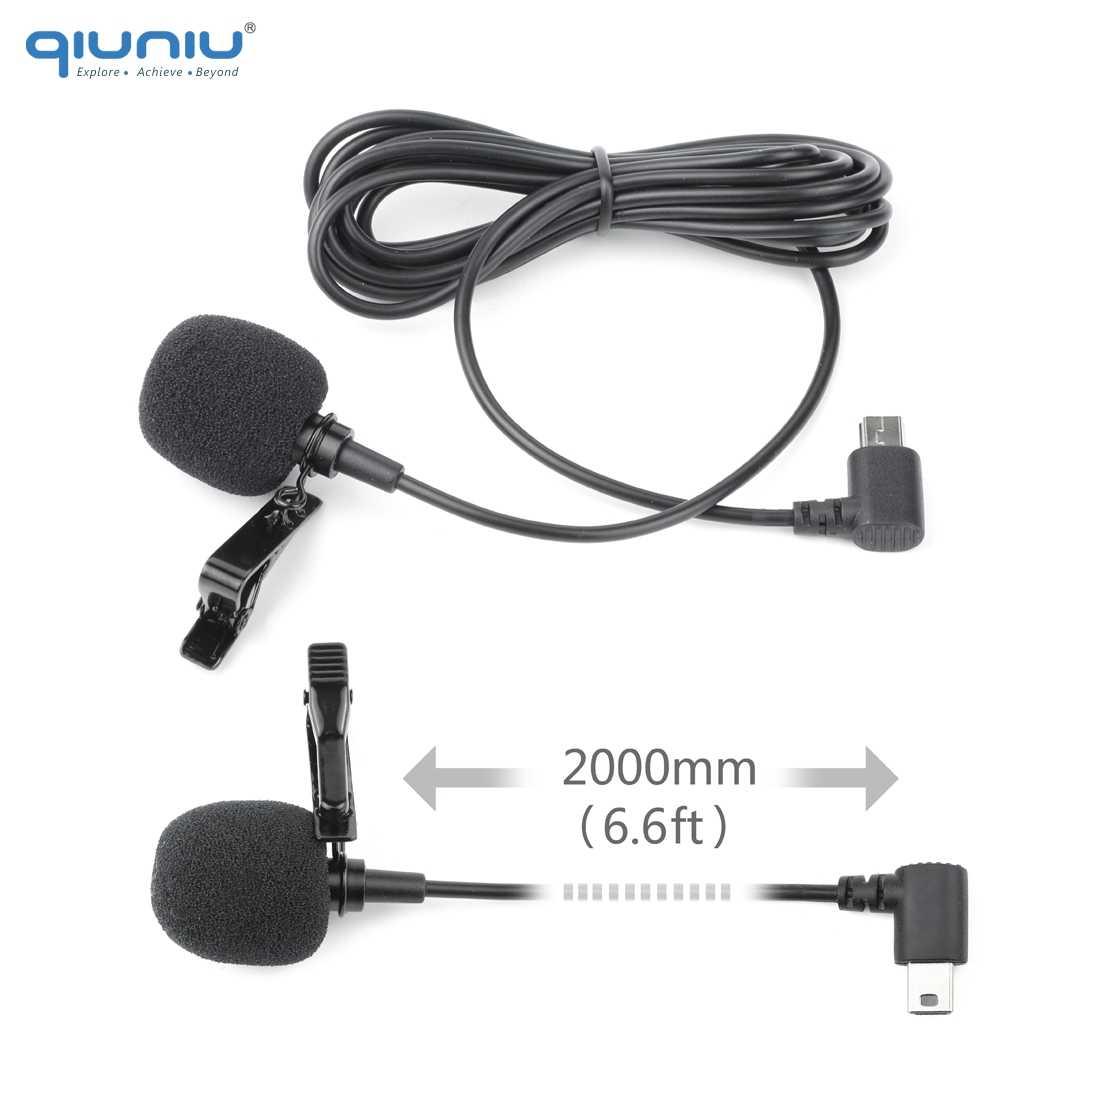 Zewnętrzny mikrofon QIUNIU 2M ze standardową obudową ochronną do obudowy GoPro Hero 3 3 + 4 Go Pro 4 akcesoria